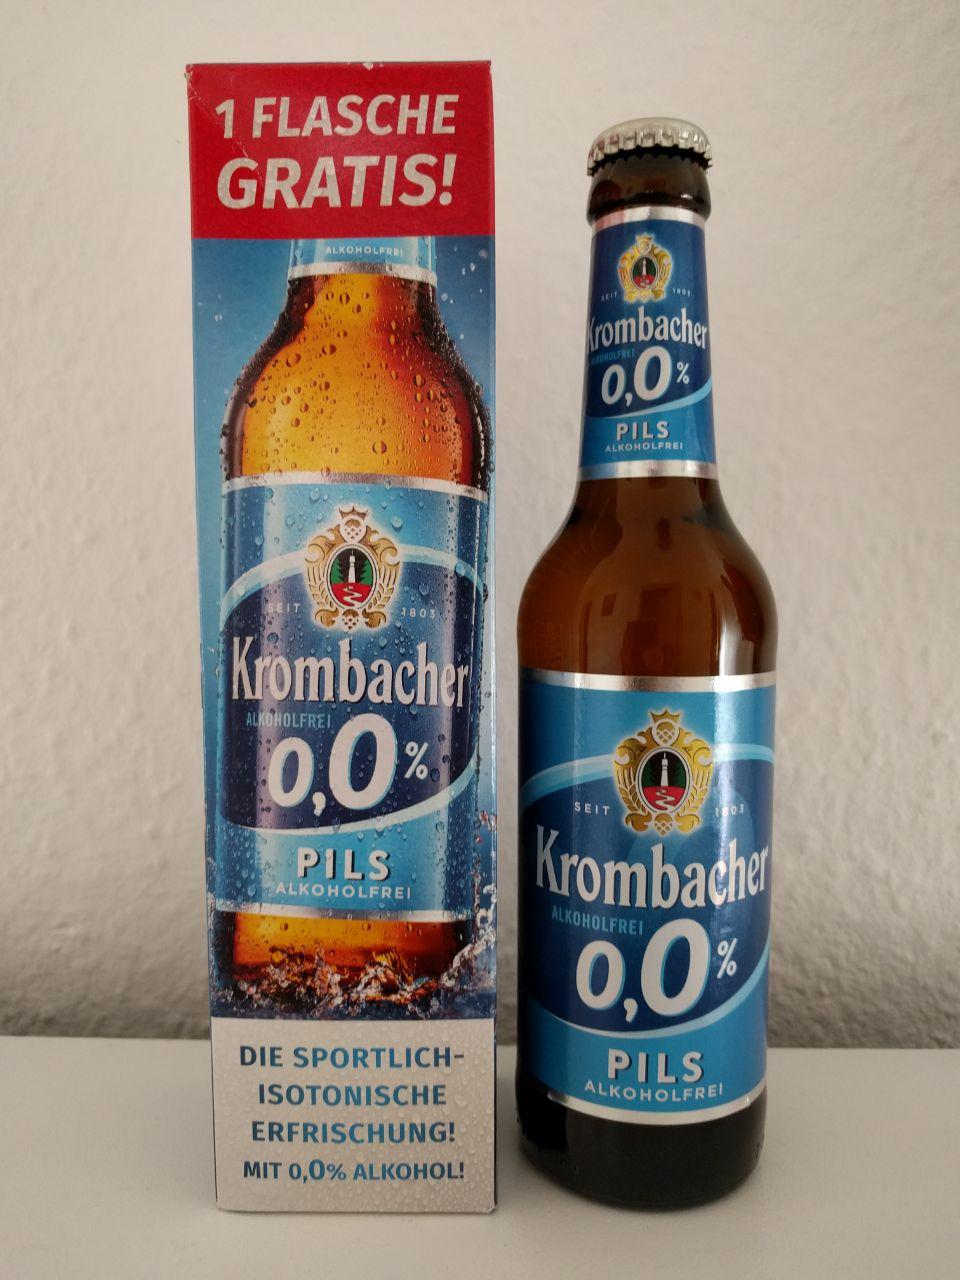 lokal] Harrislee bei Flensburg - Getränke Hoffmann - 1 Flasche ...